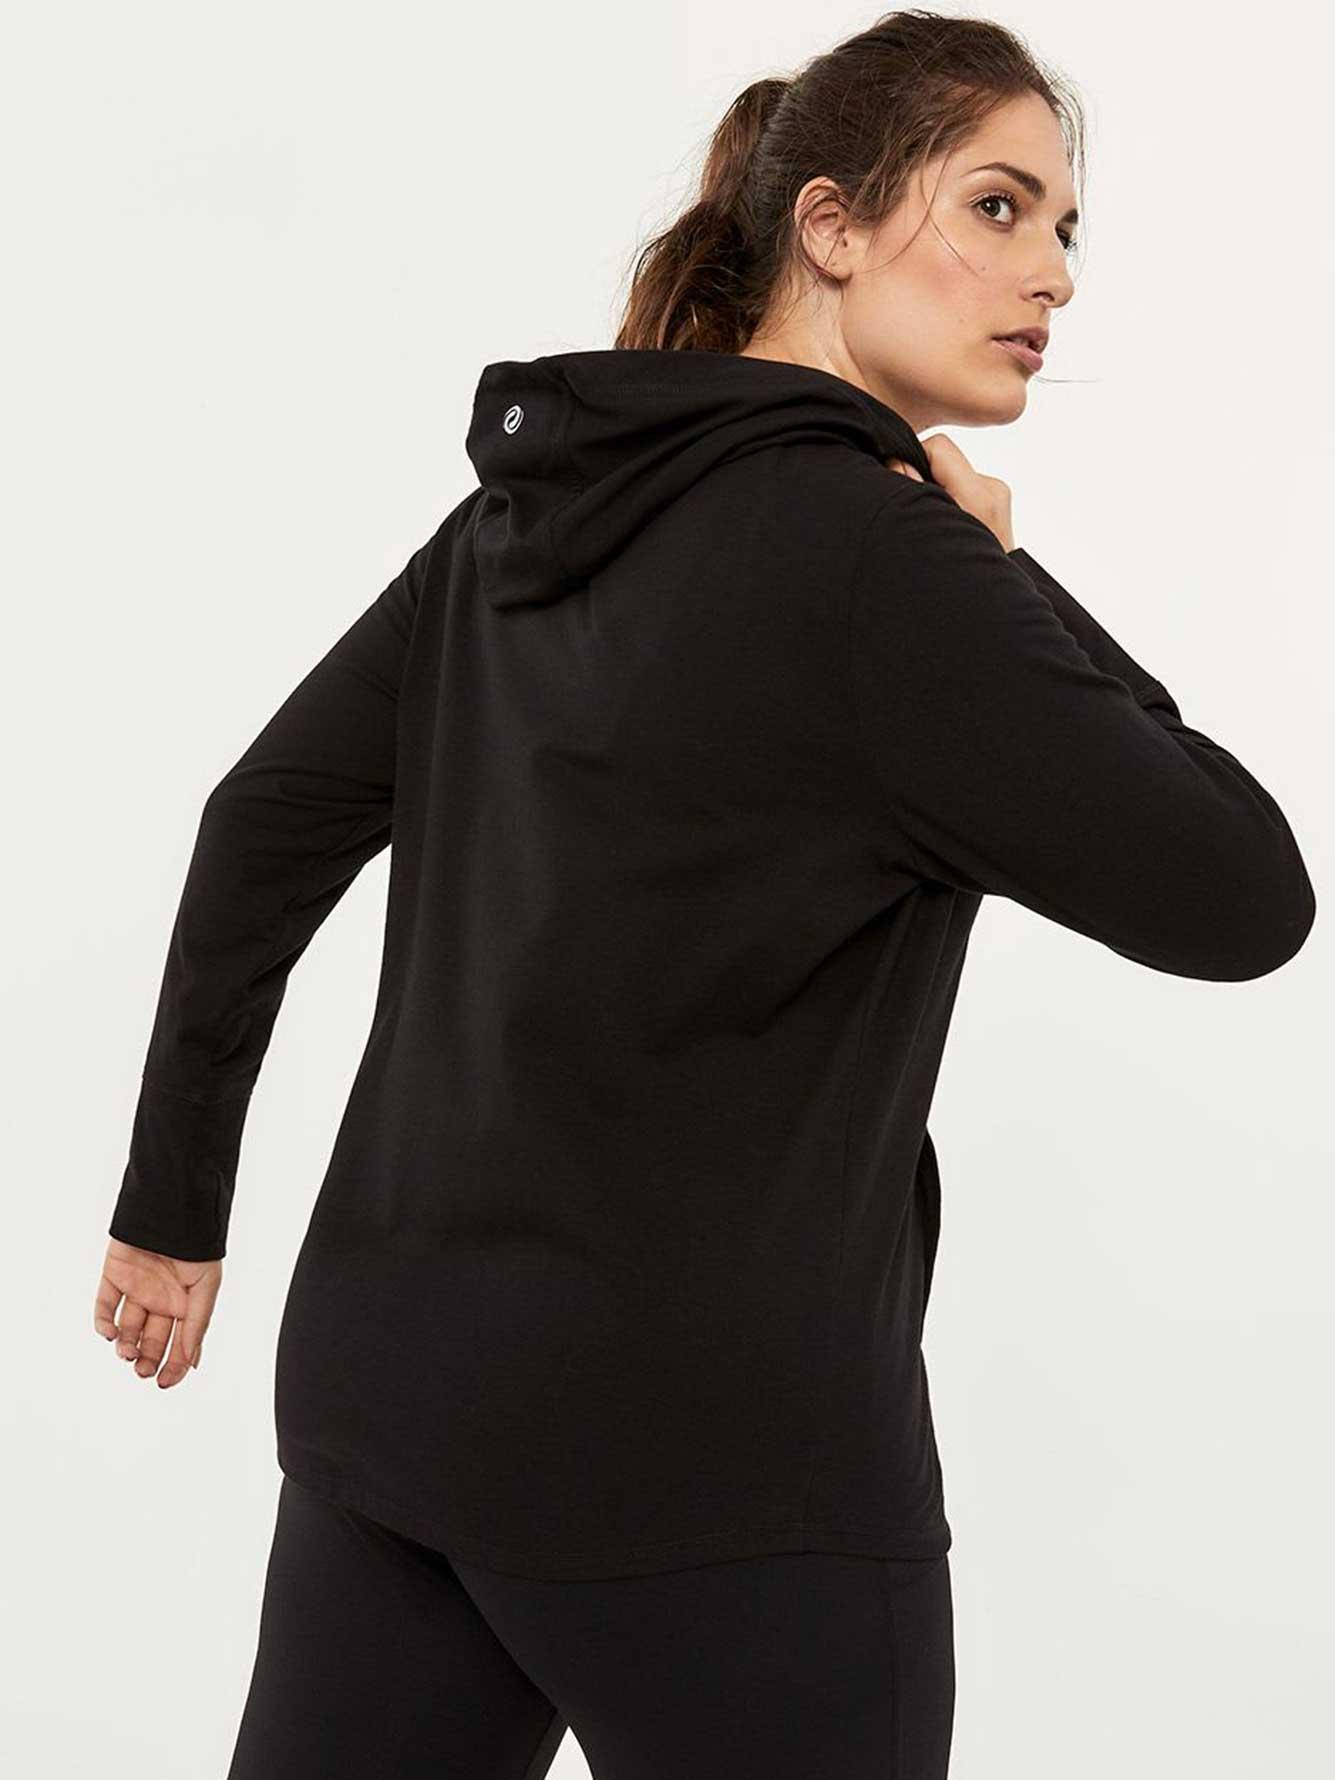 48ab83ed57786 Plus-Size Hooded Jacket - ActiveZone